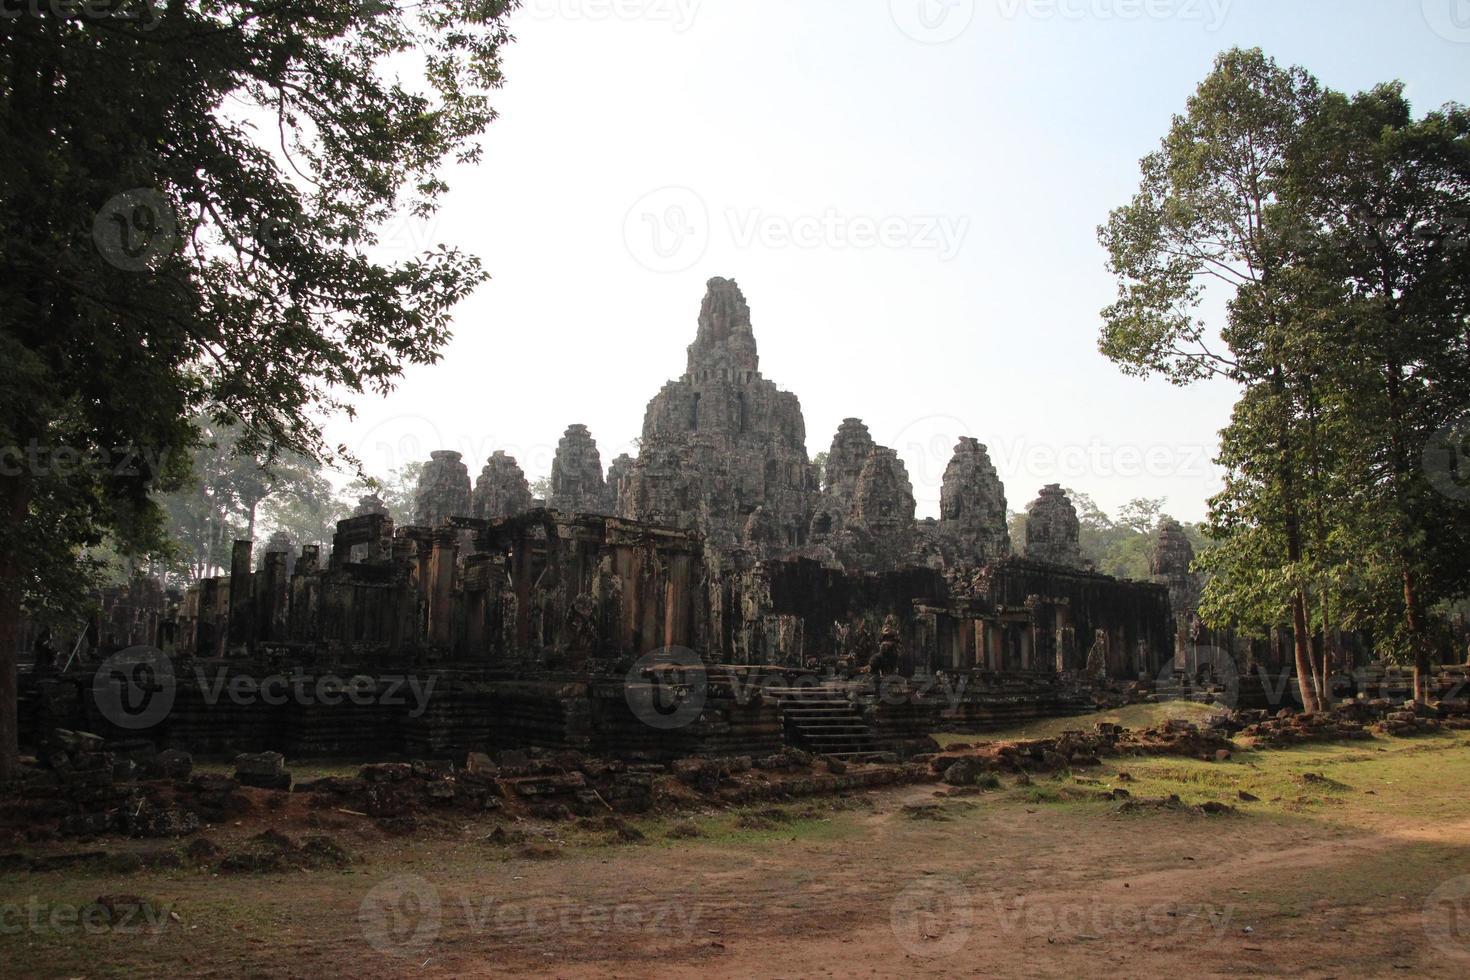 Bayon tempel, Angkor, Kambodja foto